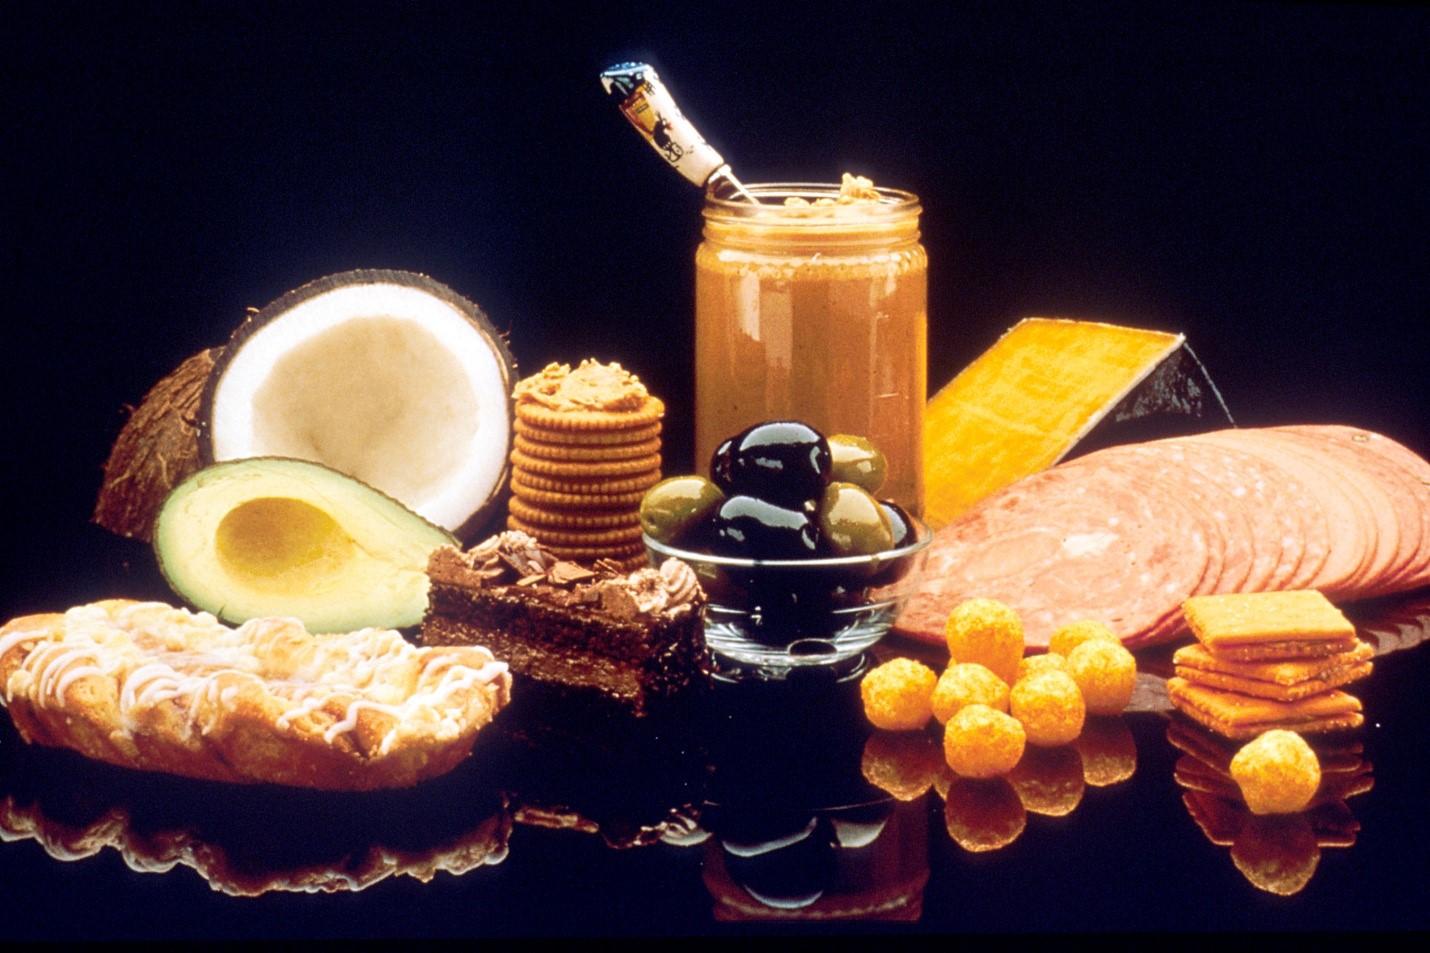 Weight loss diet for women | LuckyFit